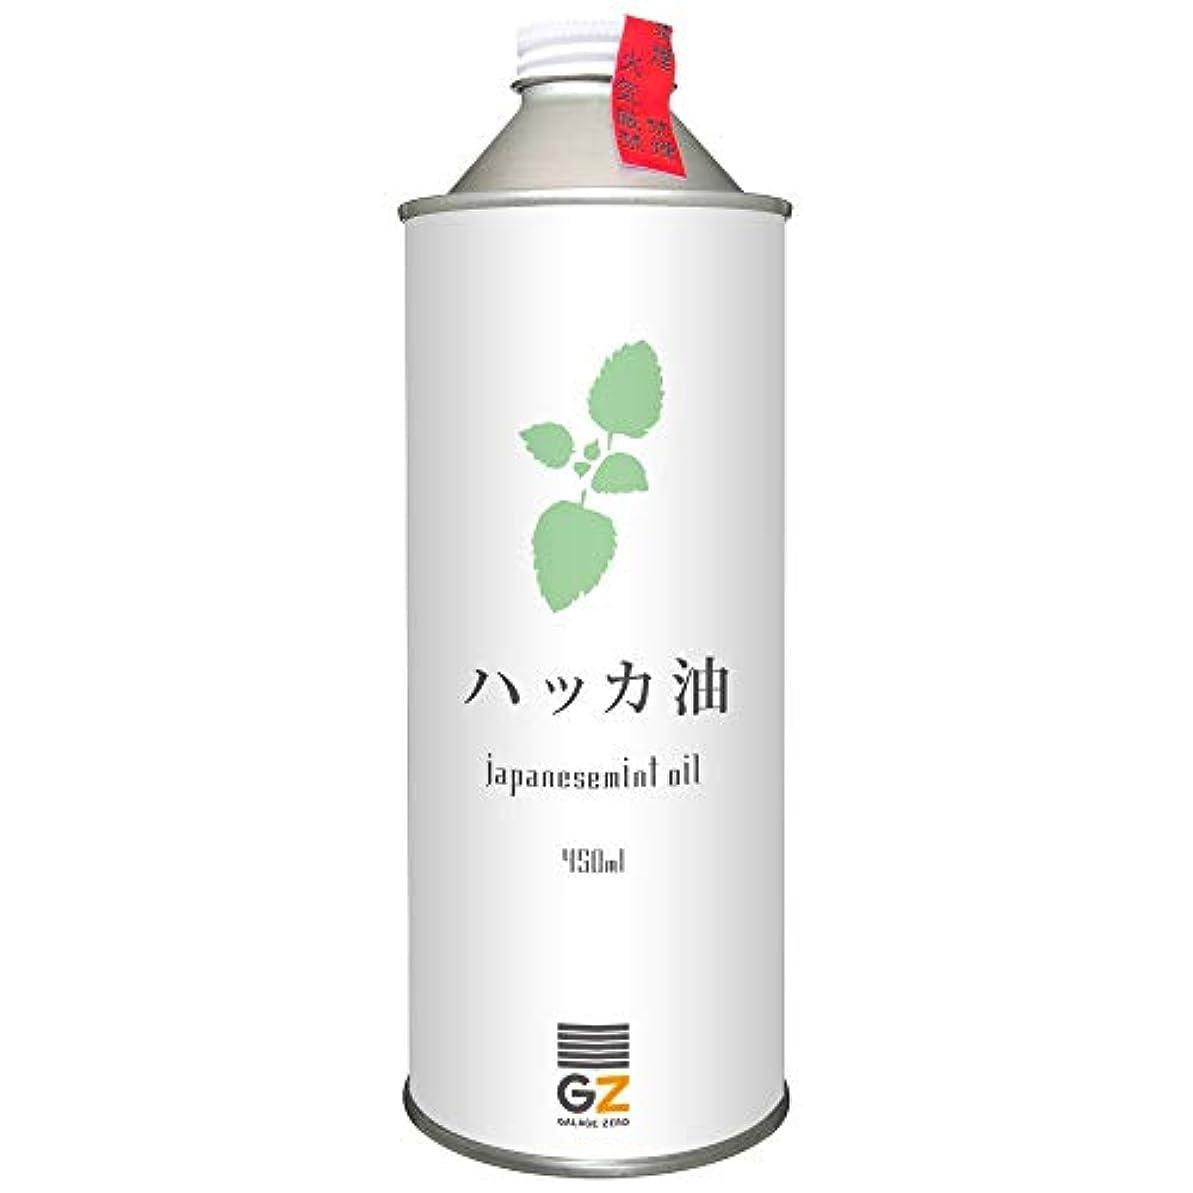 ふさわしい悔い改め評議会ガレージゼロ ハッカ油 (450ml)